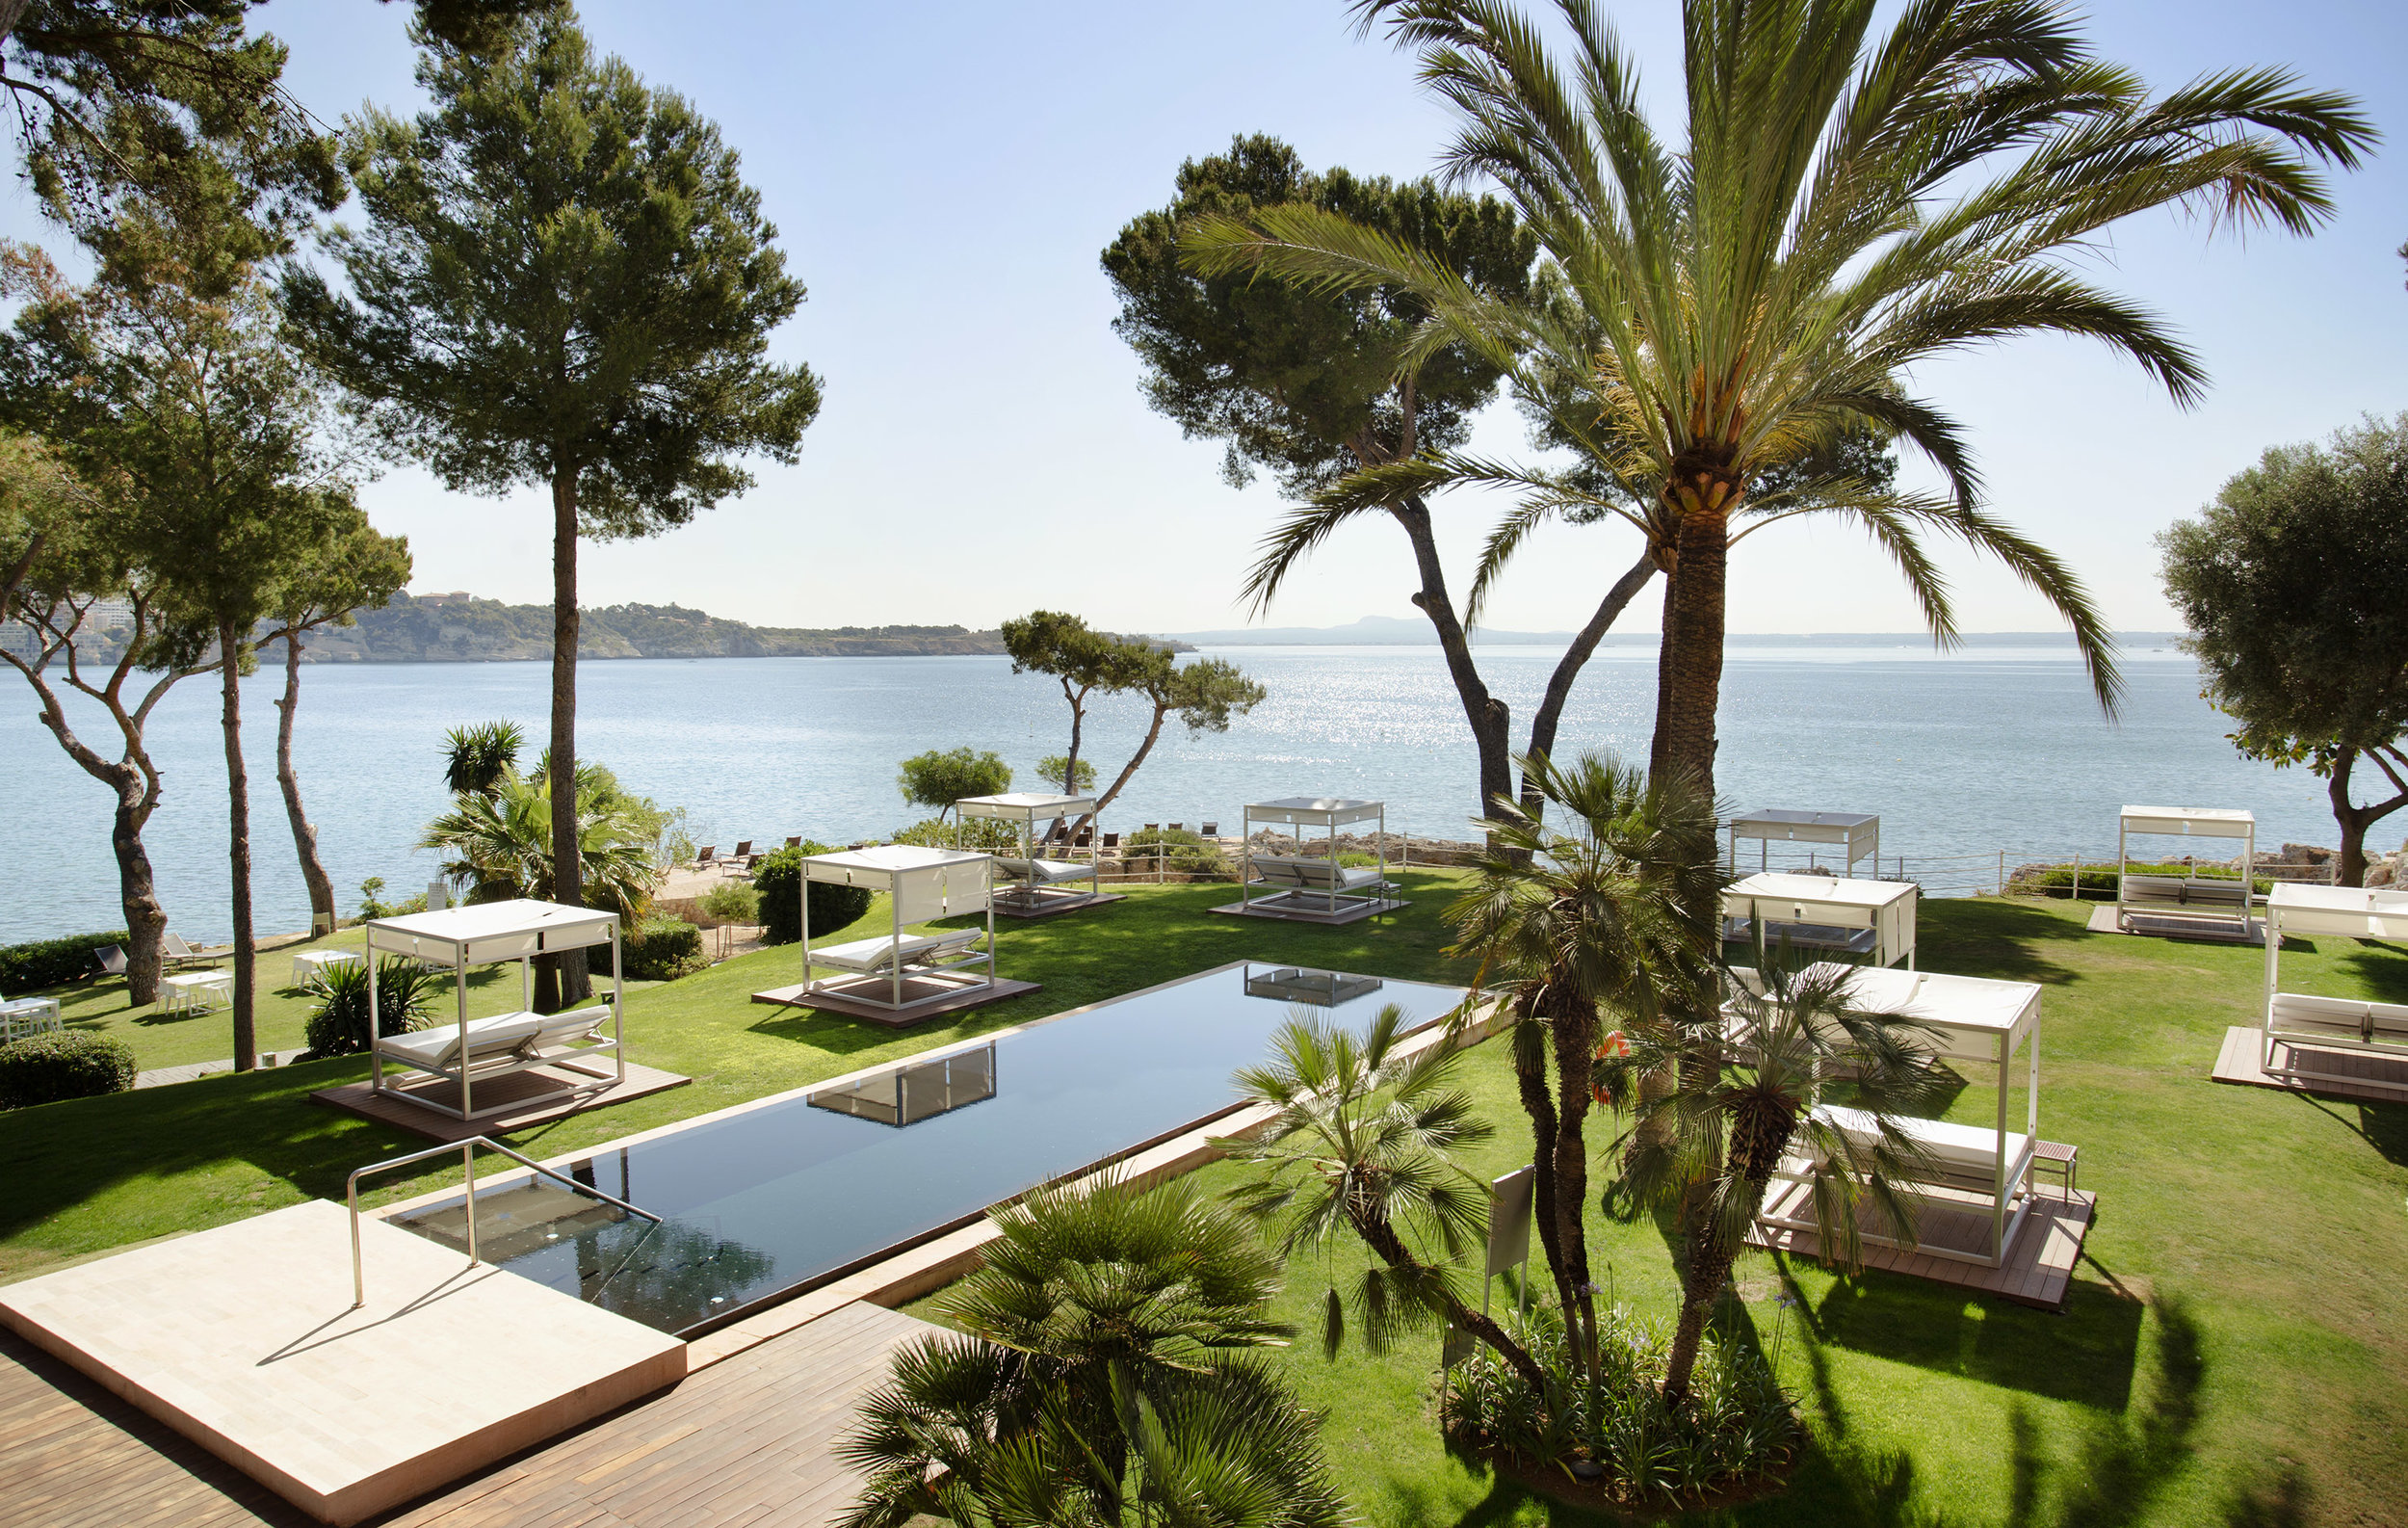 Gran Melia Hotel Palma de Mallorca